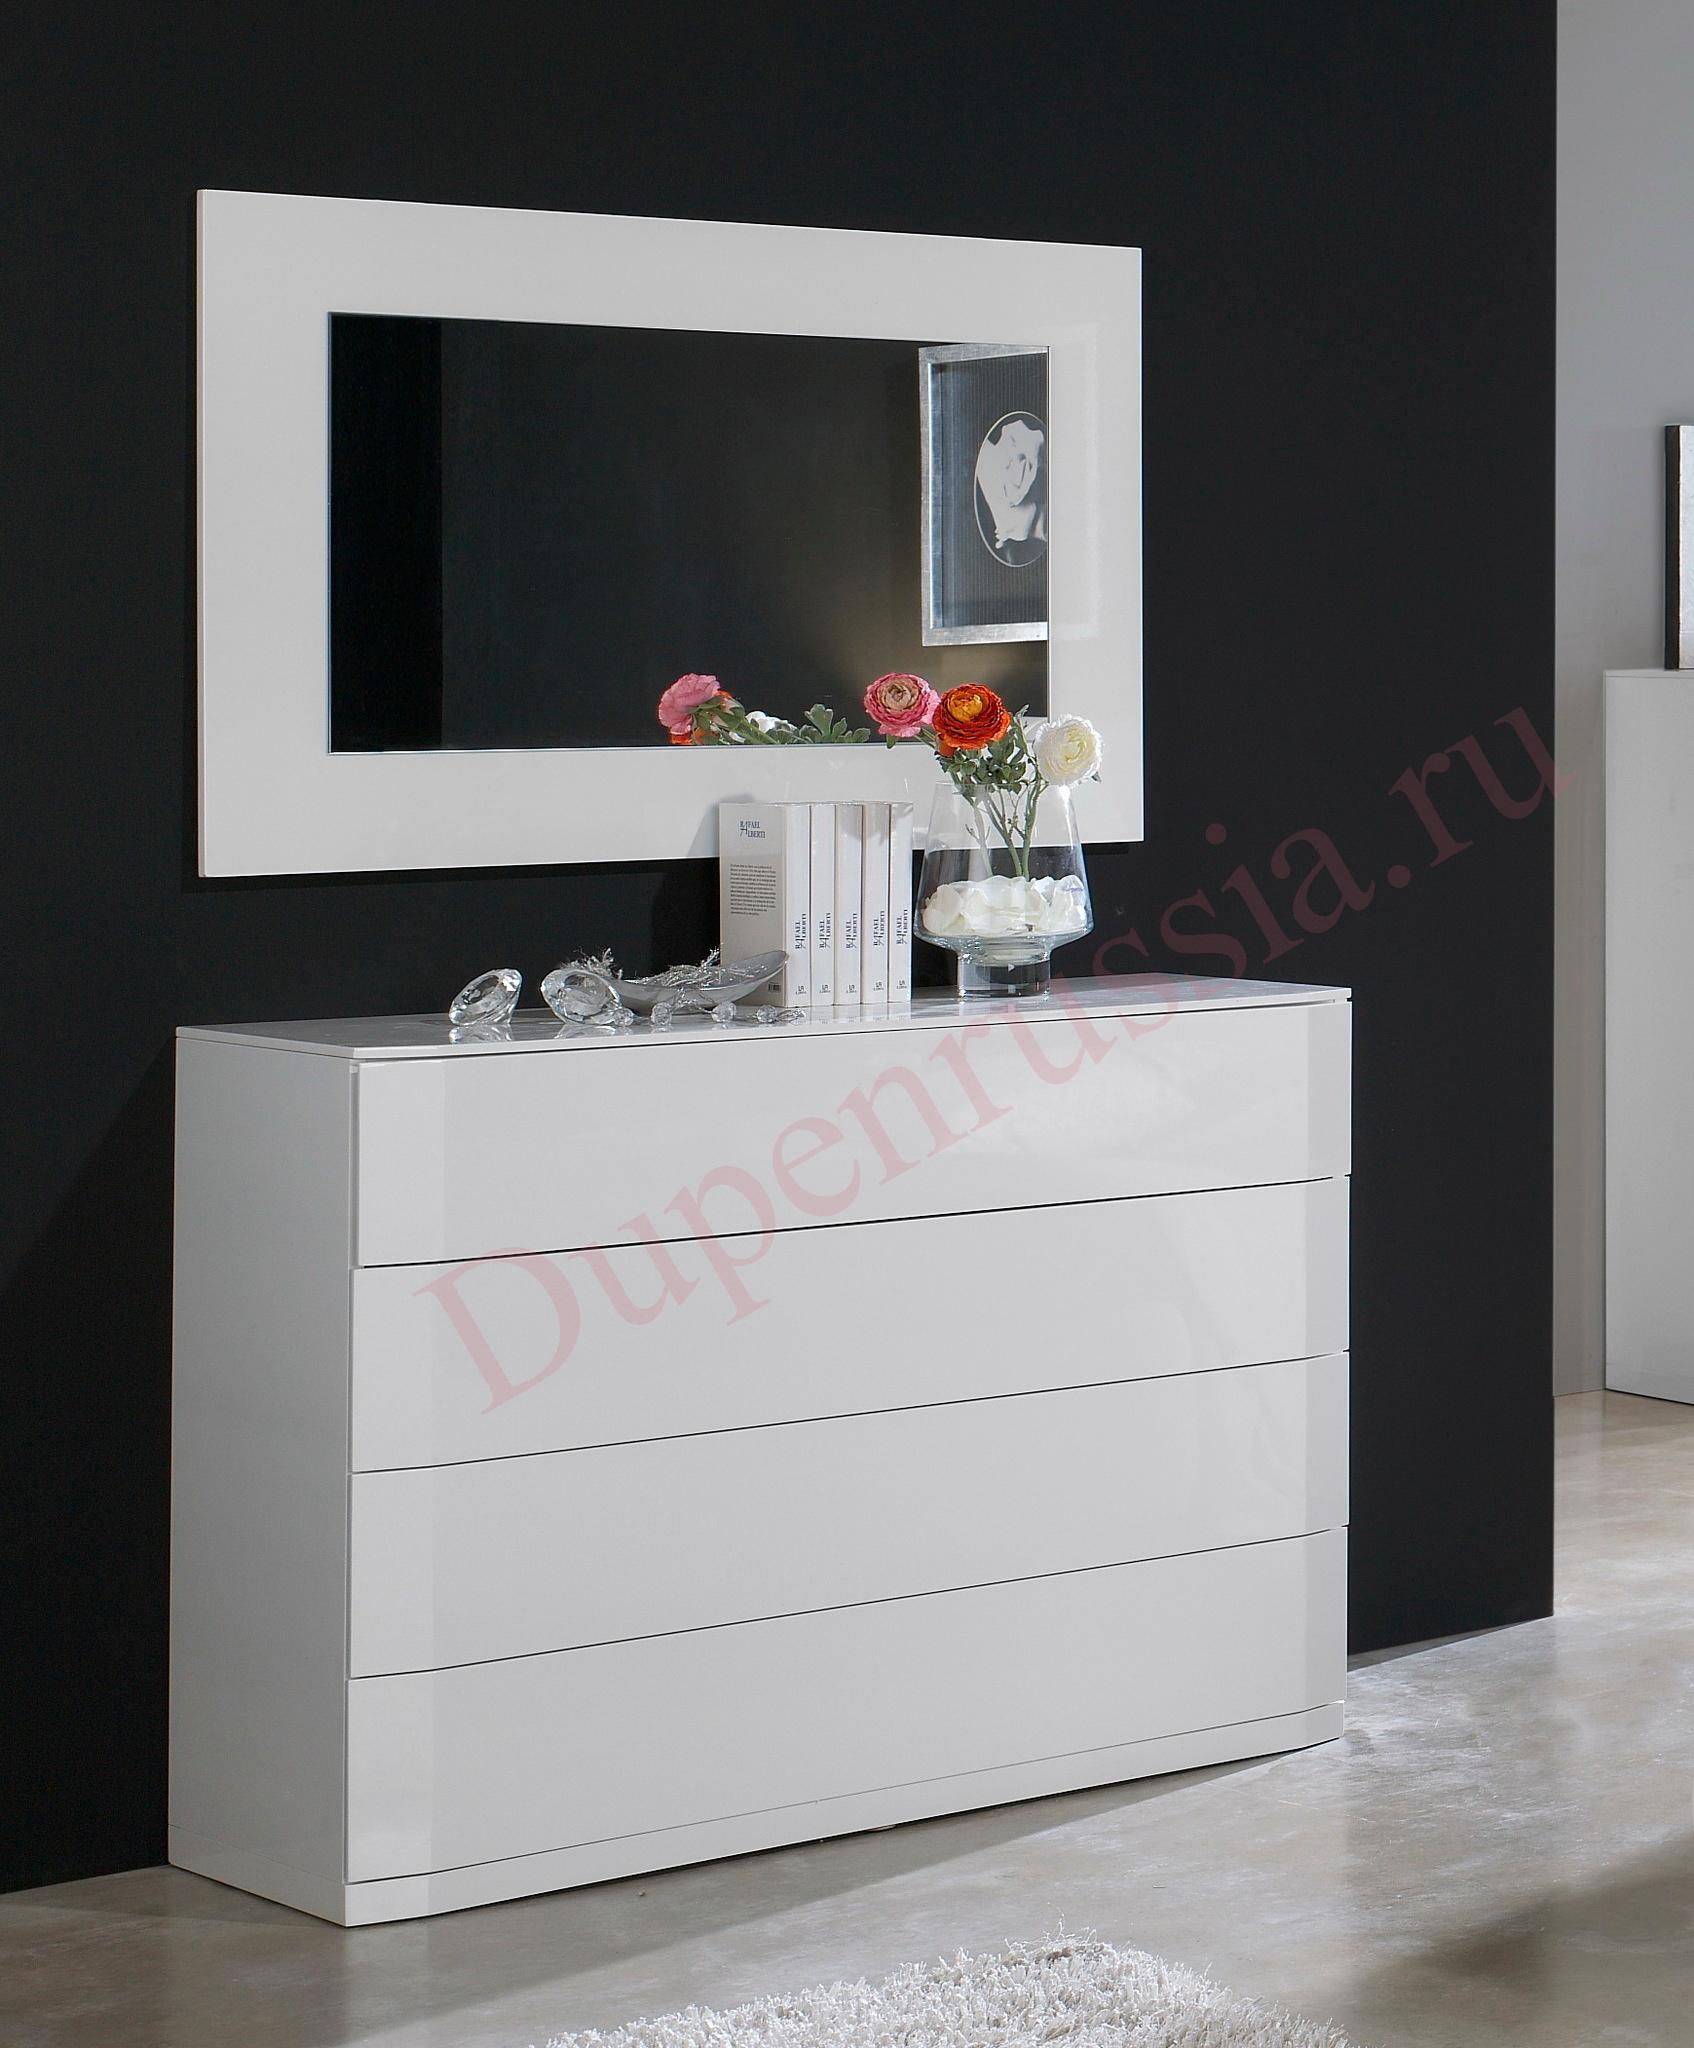 Зеркало DUPEN E-96 белое, Комод горизонтальный DUPEN С-102 белый